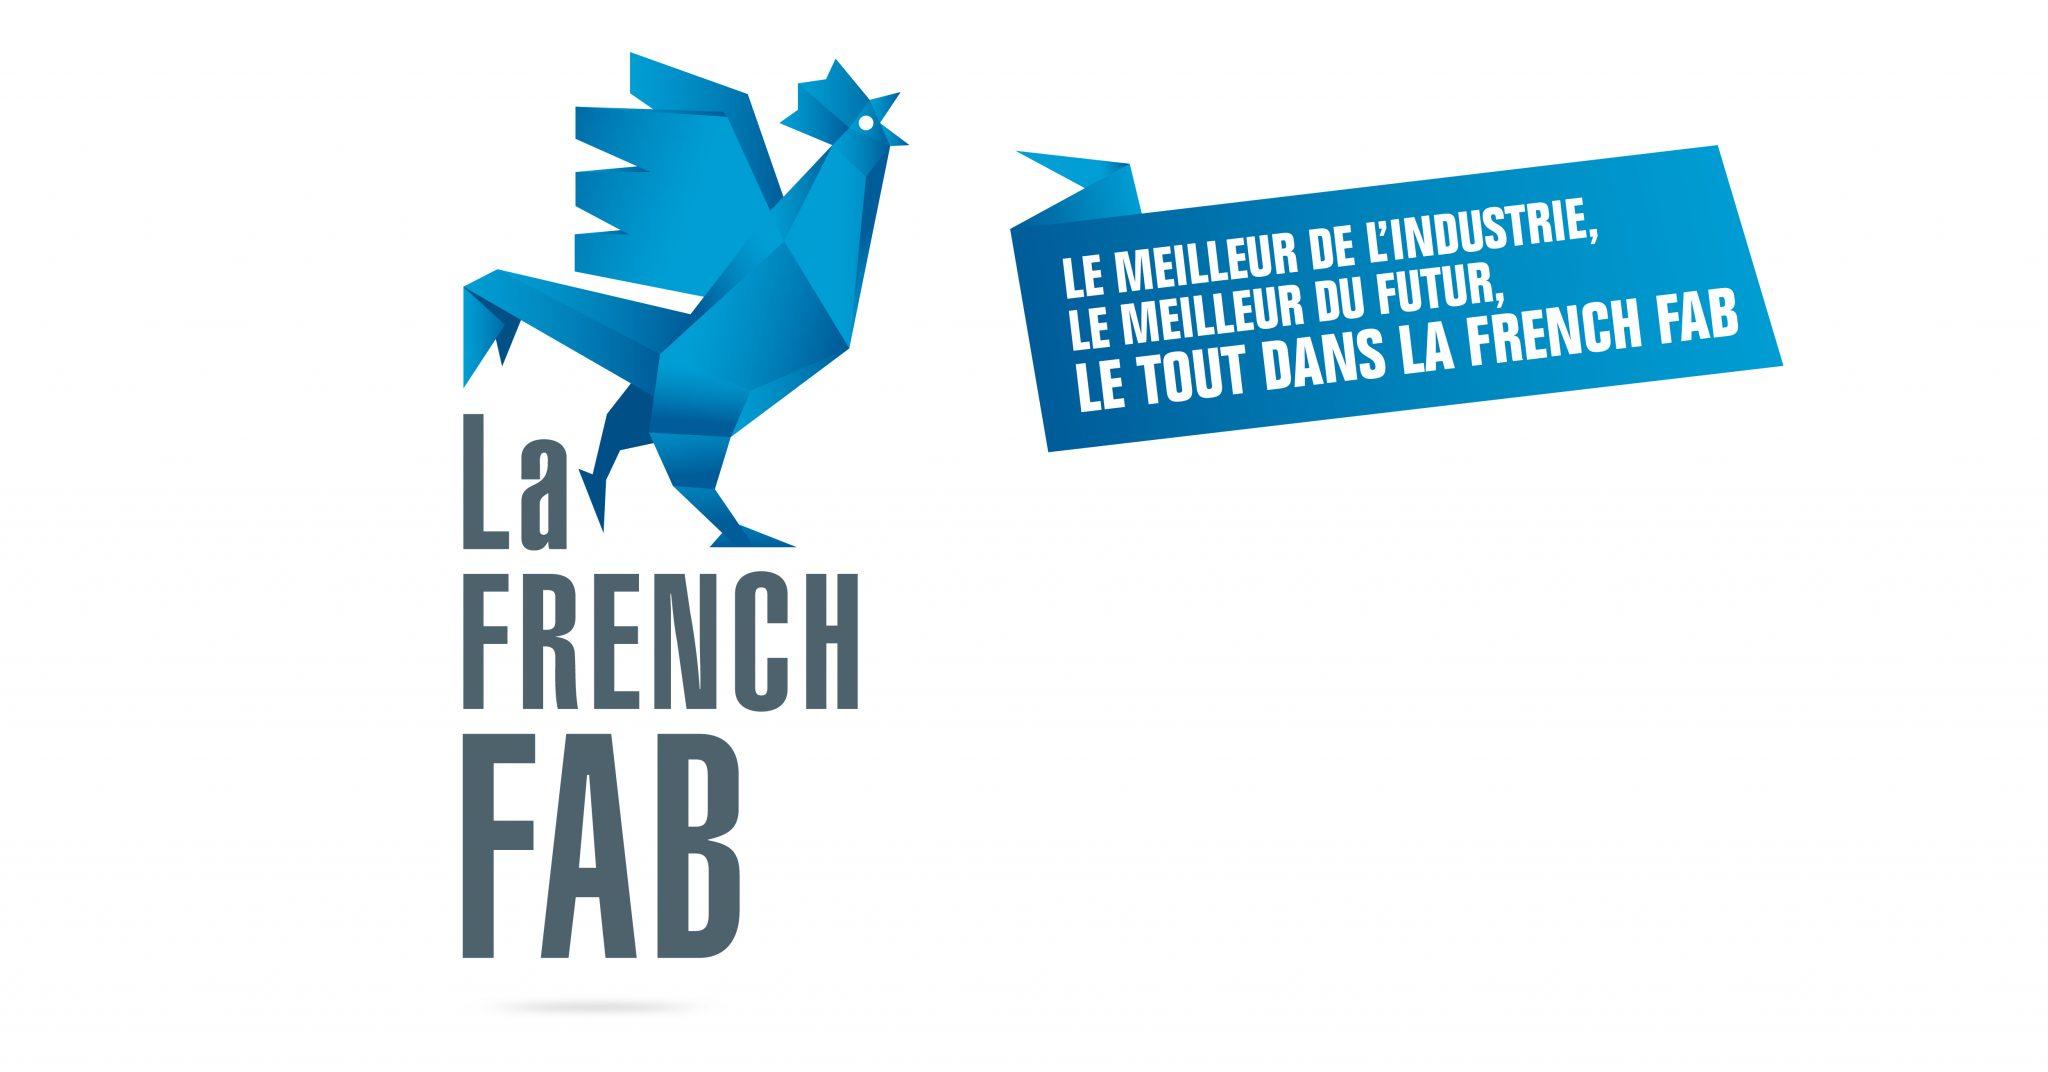 Le made in France : Une nouvelle aventure aux côtés de la French Fab